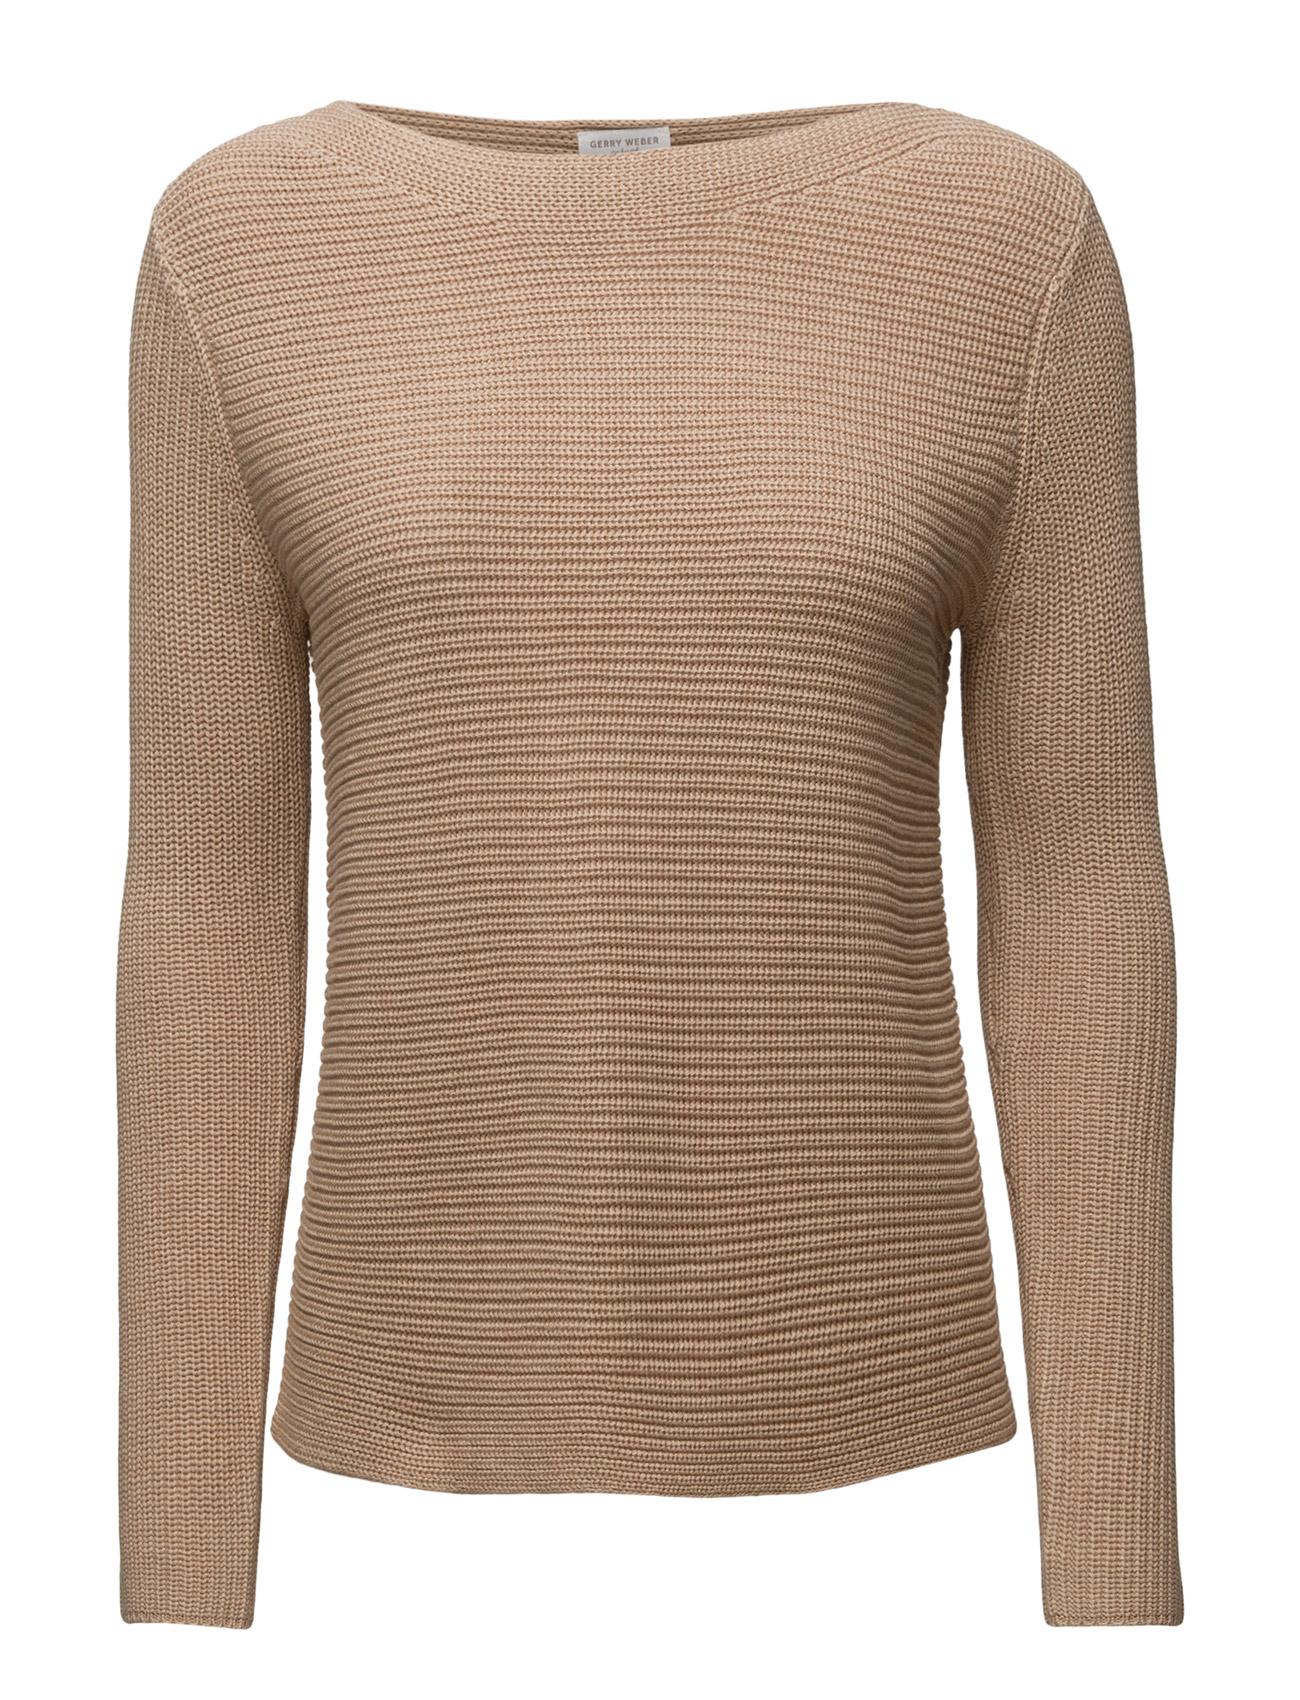 Pullover Long-Sleeve Gerry Weber Edition Sweatshirts til Damer i